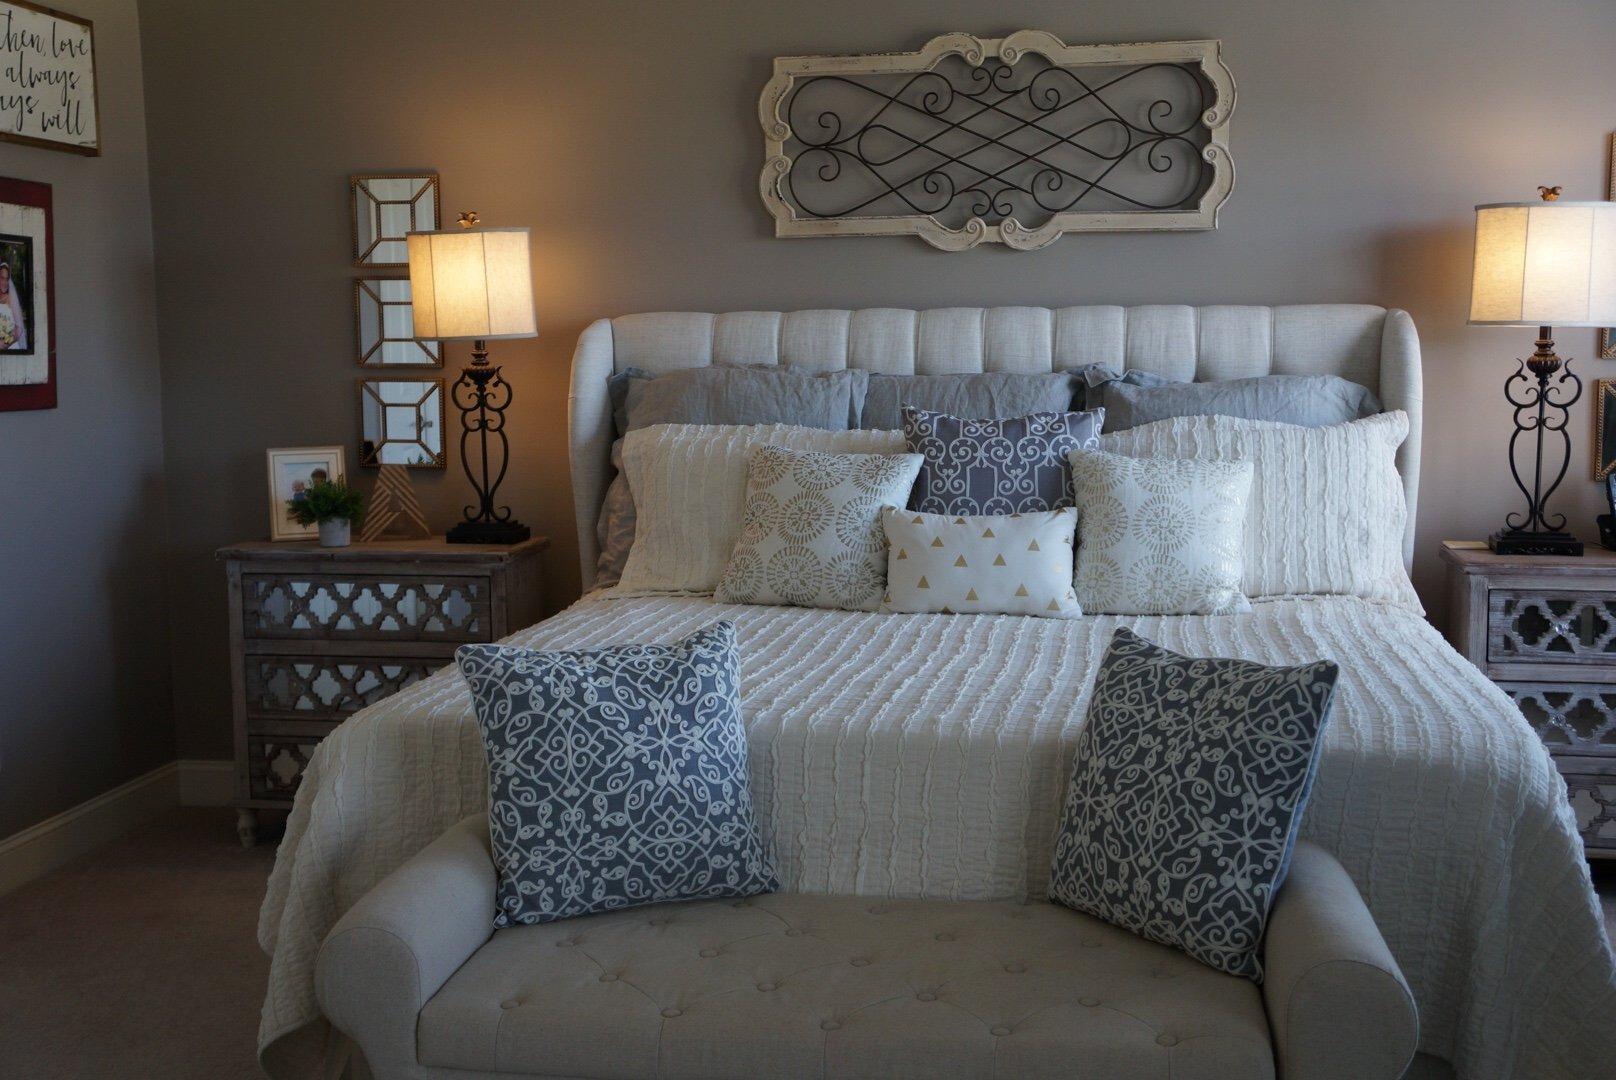 kirklands wall decor master bedroom